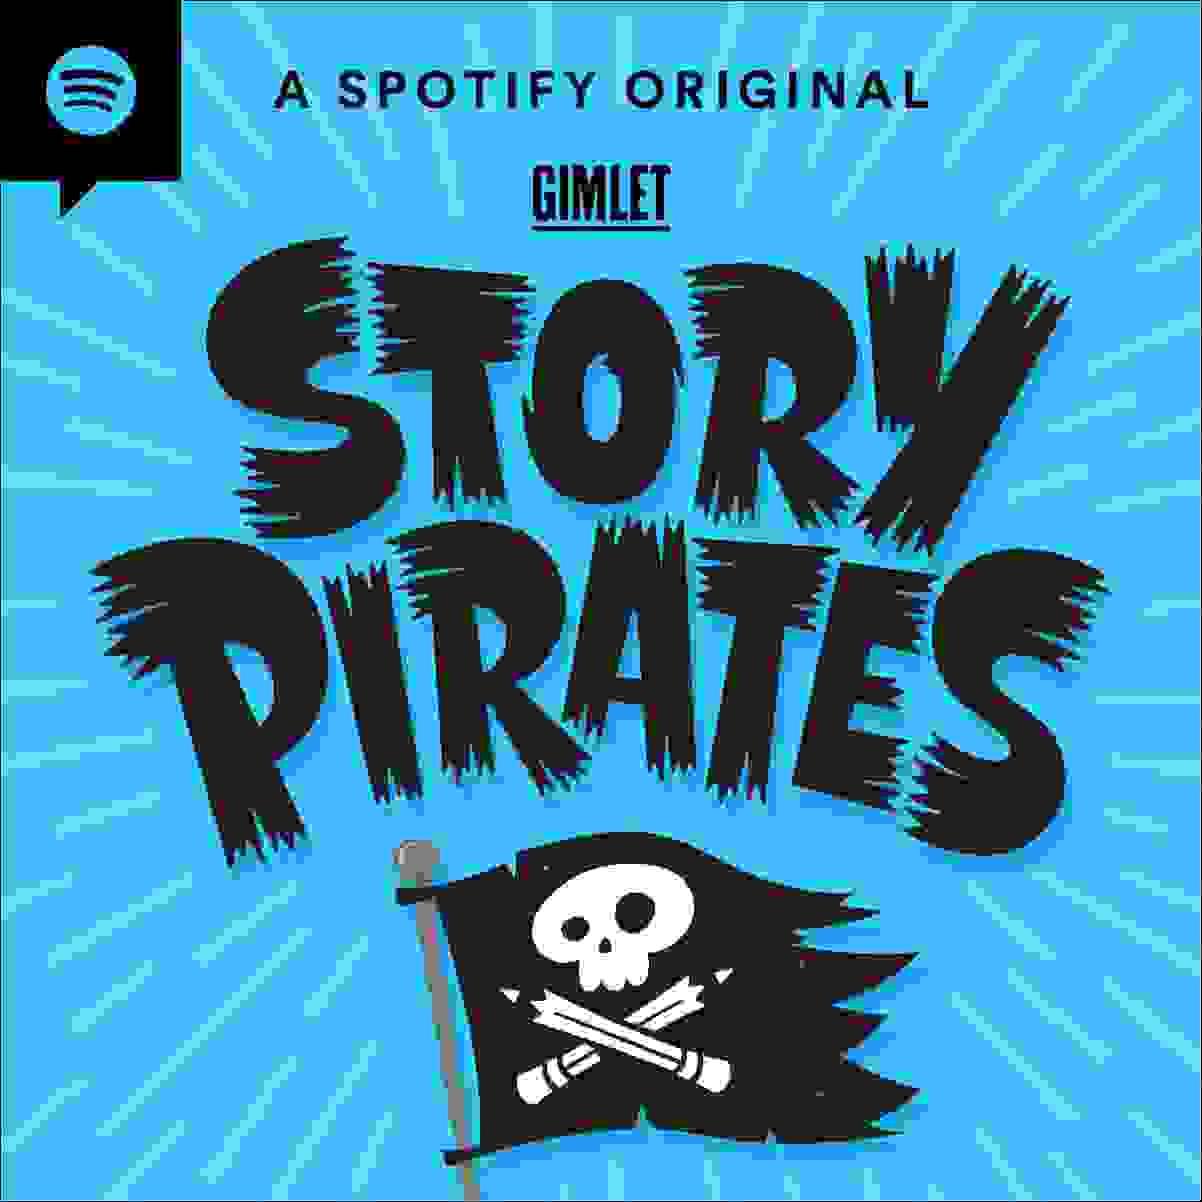 ستوري بايرتس (Story Pirates)